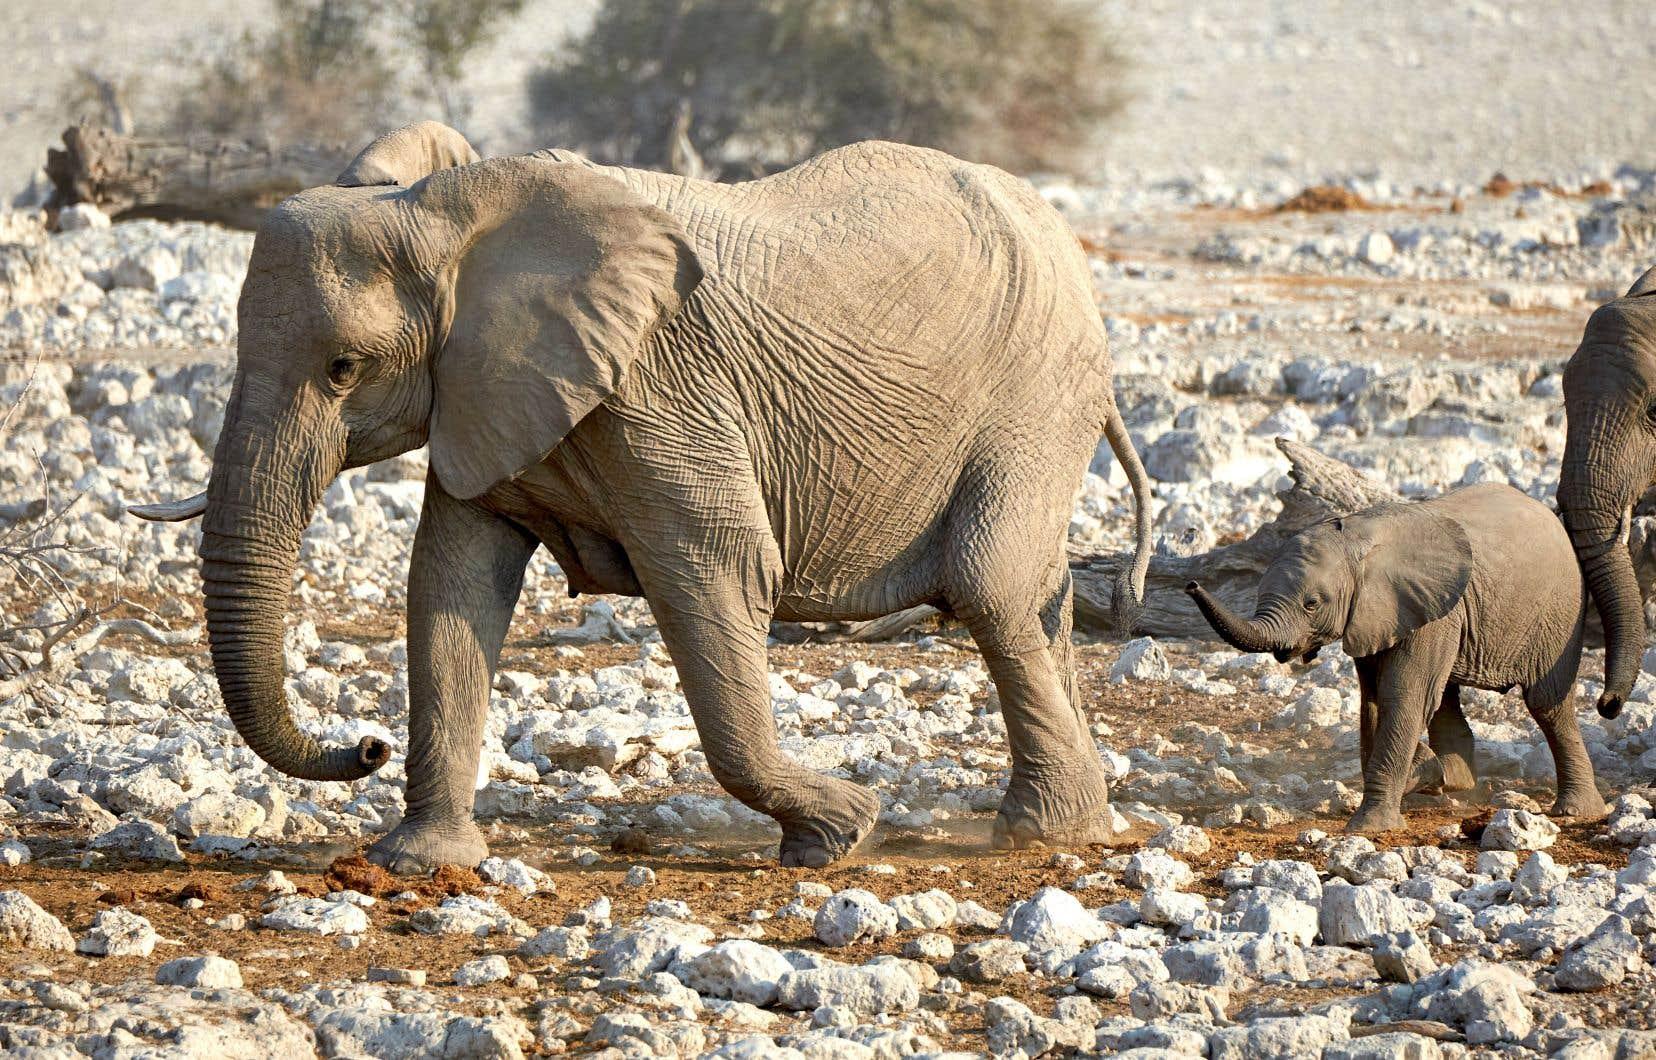 Pays semi-aride et peu peuplé d'Afrique australe, la Namibie abrite quelque 28000 pachydermes.